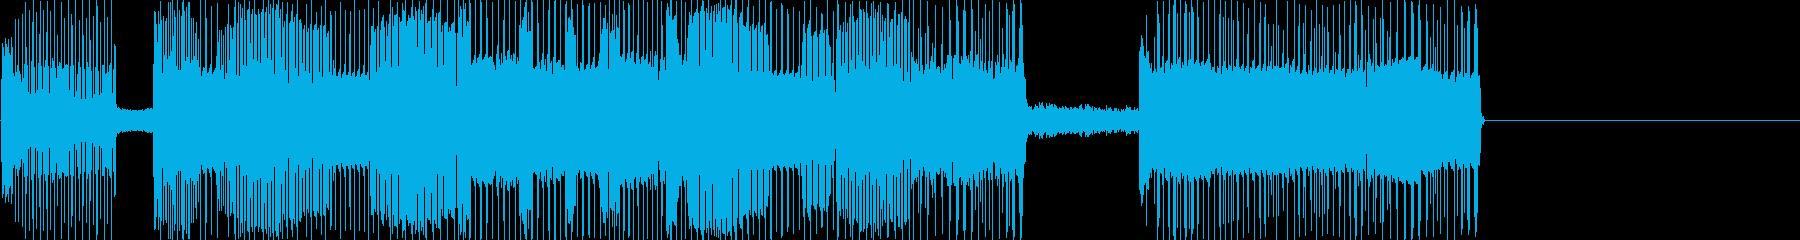 レトロゲームなチップチューンジングル1の再生済みの波形